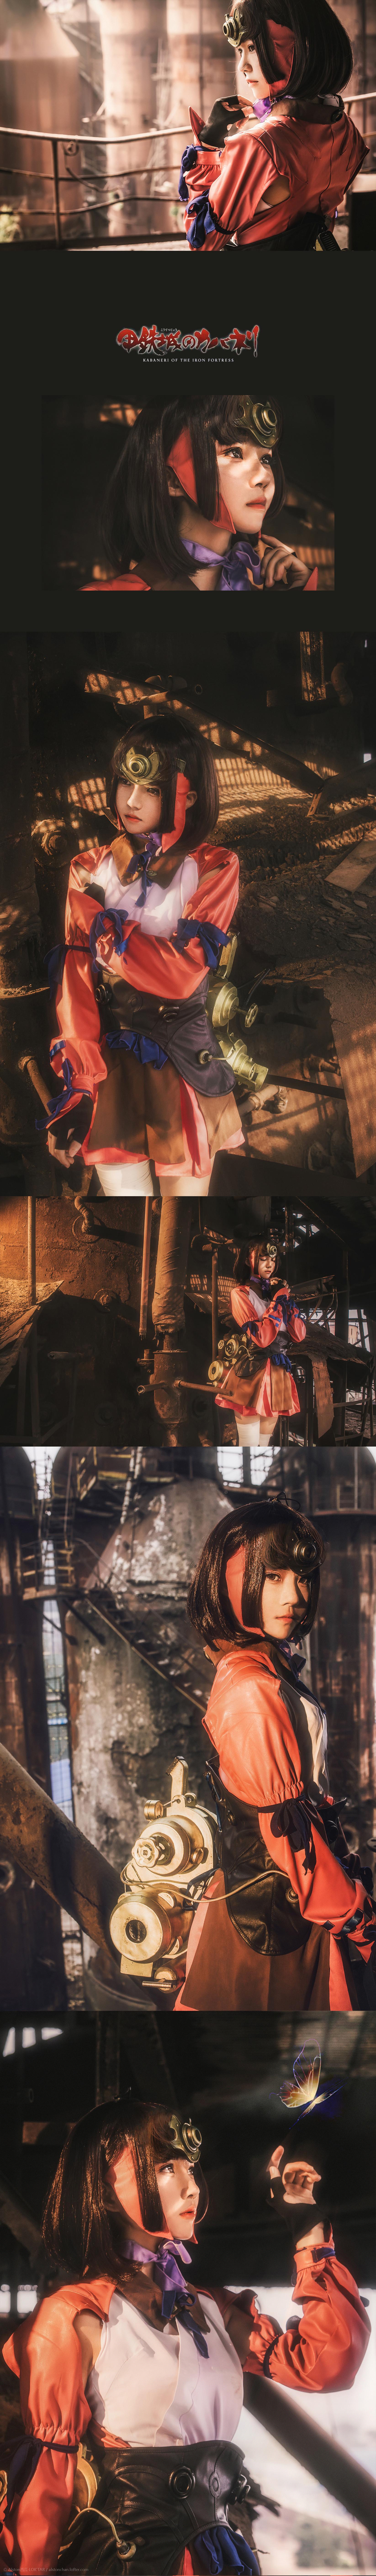 免费⭐微博红人⭐桜桃喵@写真cos-甲铁城的卡巴内瑞(桜桃喵)插图8